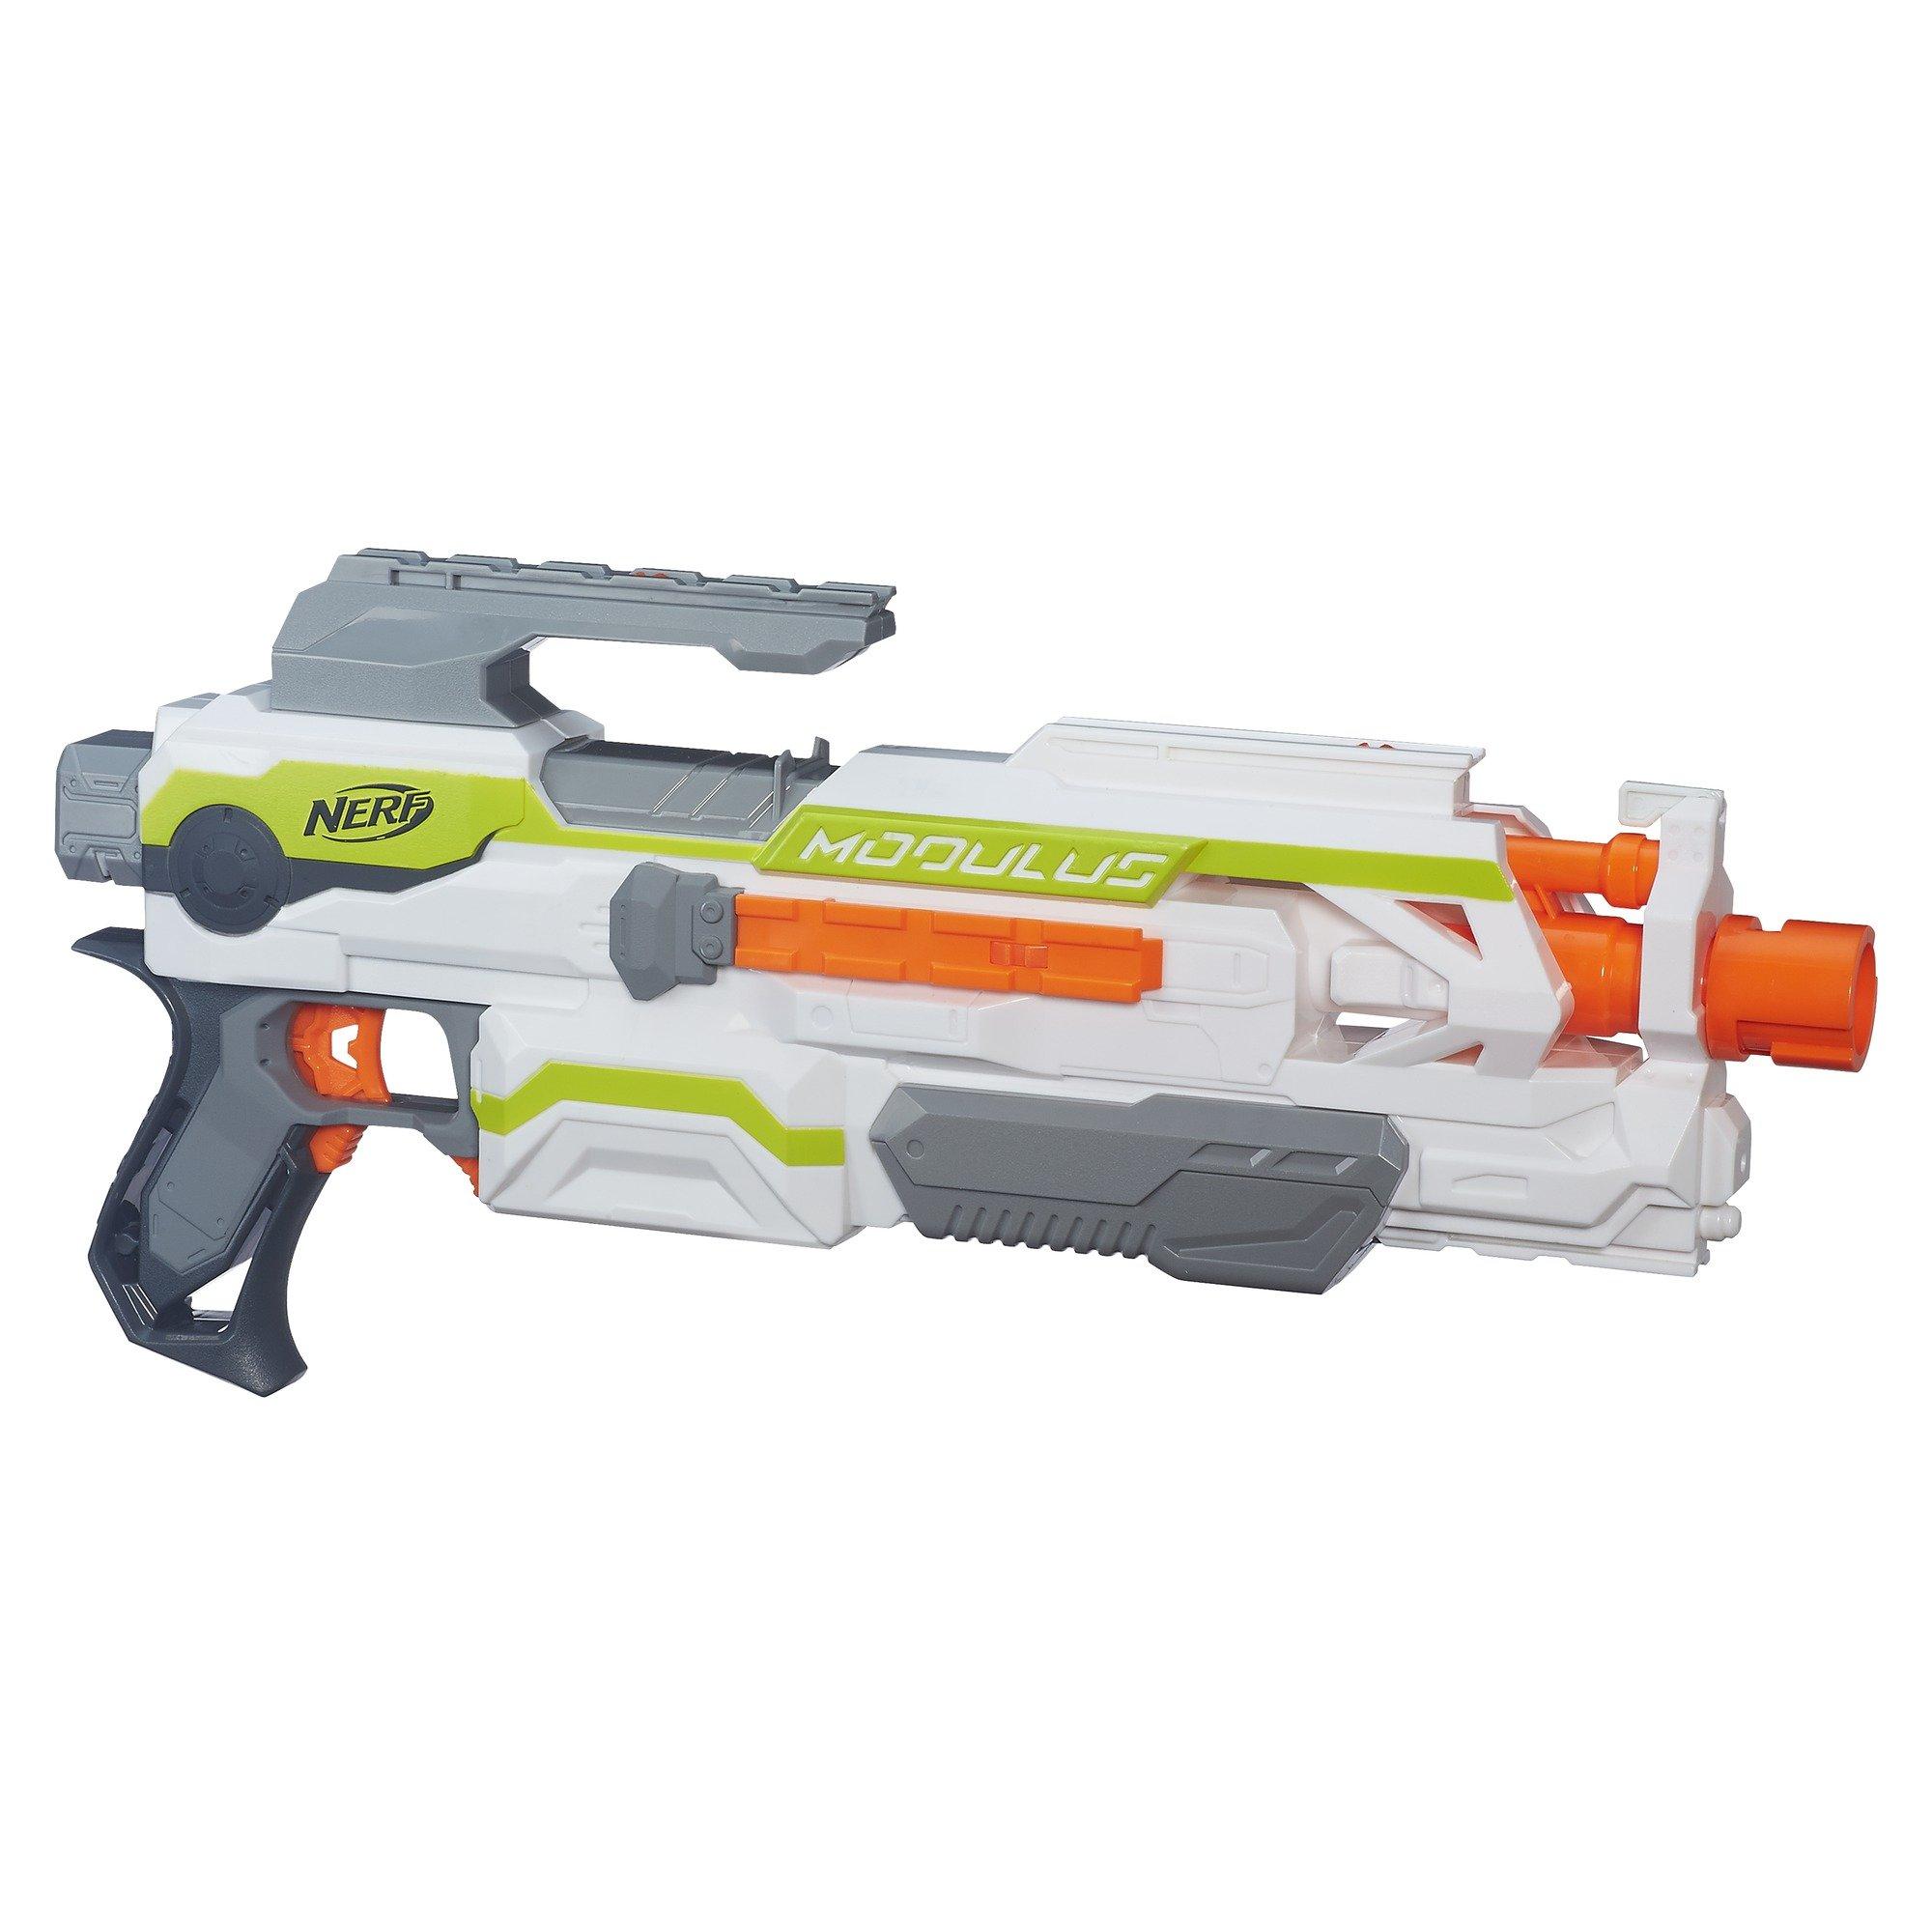 Nerf modulus motorized blaster kids toy rifle gun game fun Motorized kids toys